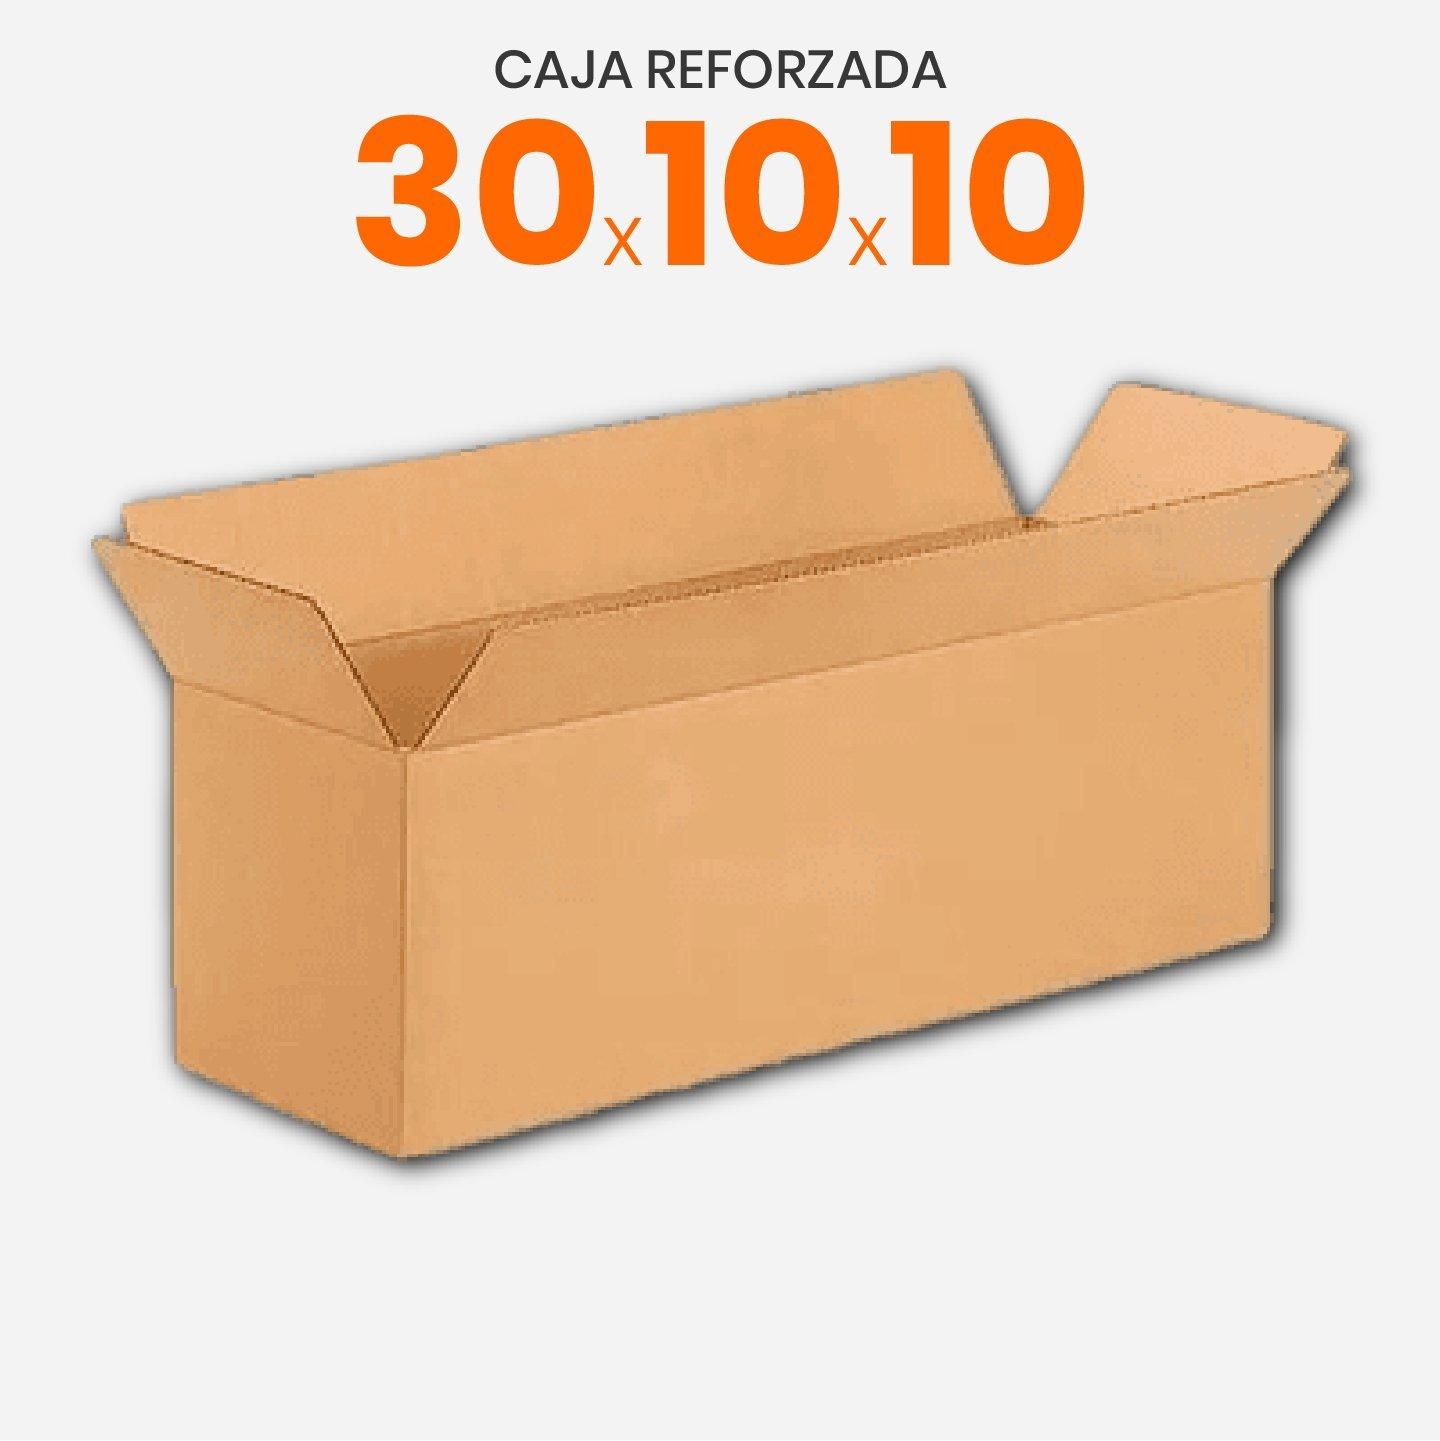 Caja Cartón Embalaje 30x10x10 Reforzada